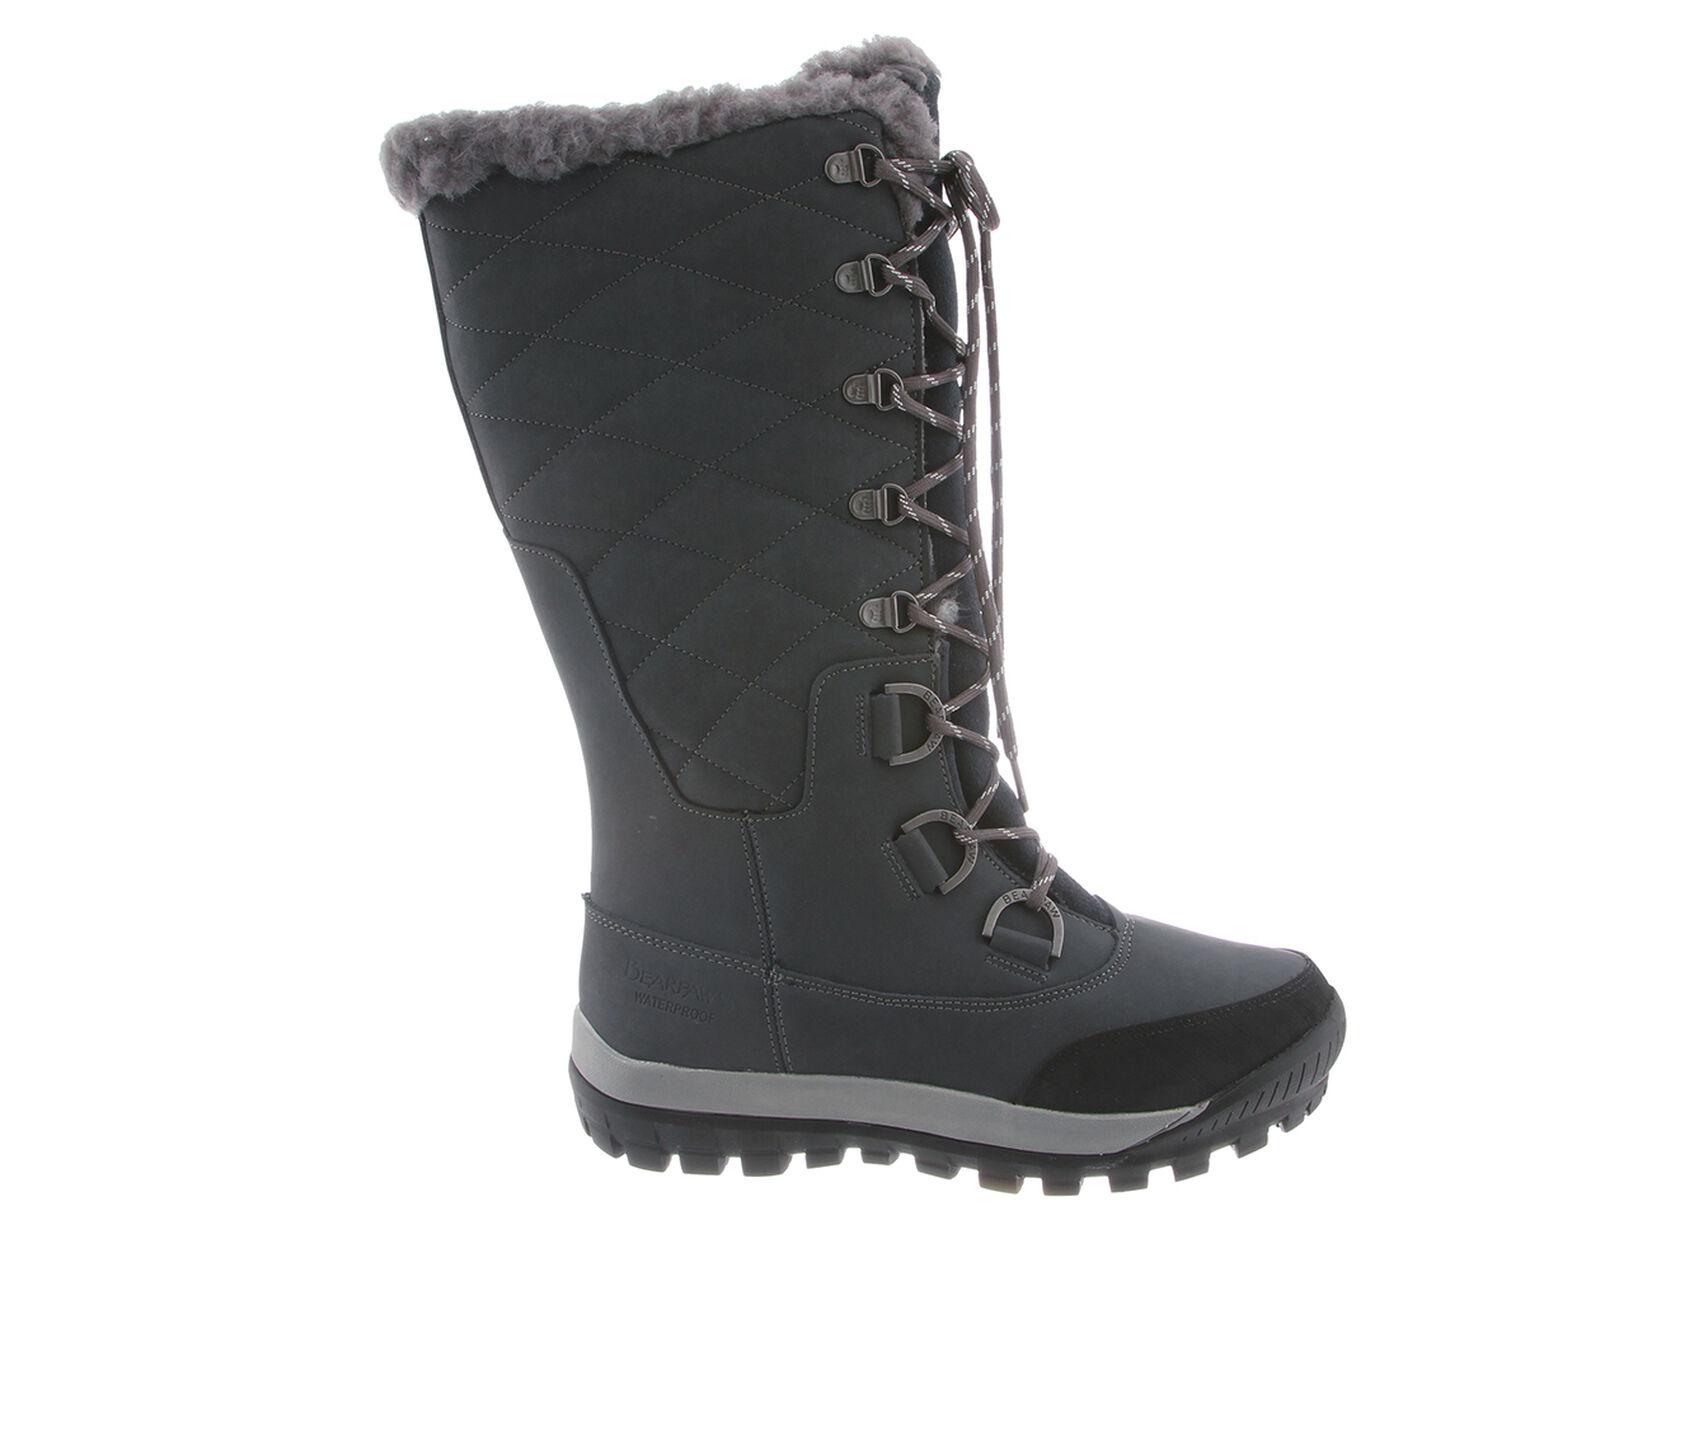 721105b6ba4 Women's Bearpaw Isabella Winter Boots   Shoe Carnival